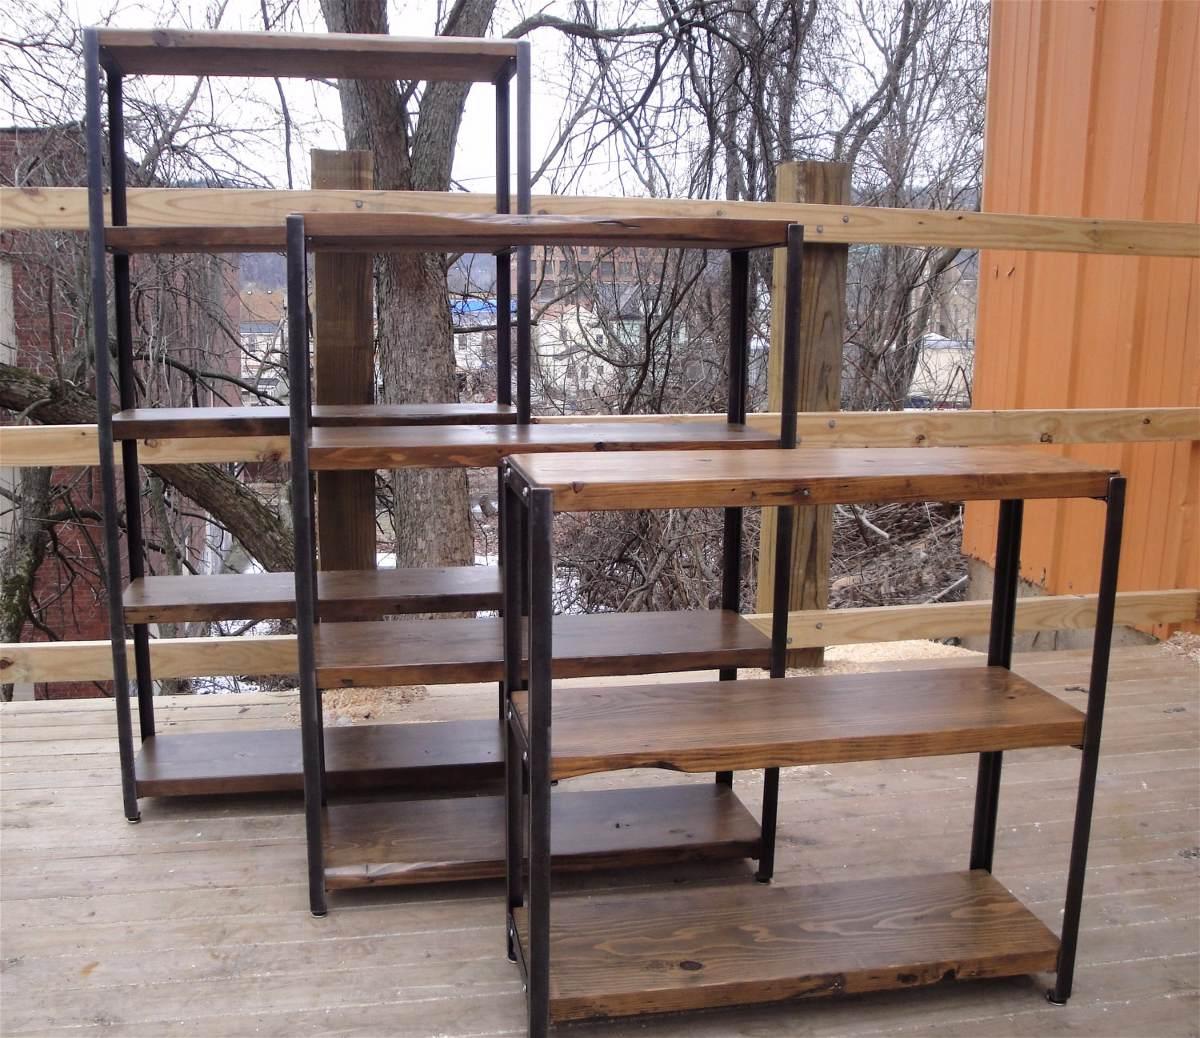 biblioteca estilo industrial hierro madera estanteria mueble cargando zoom - Muebles Estilo Industrial